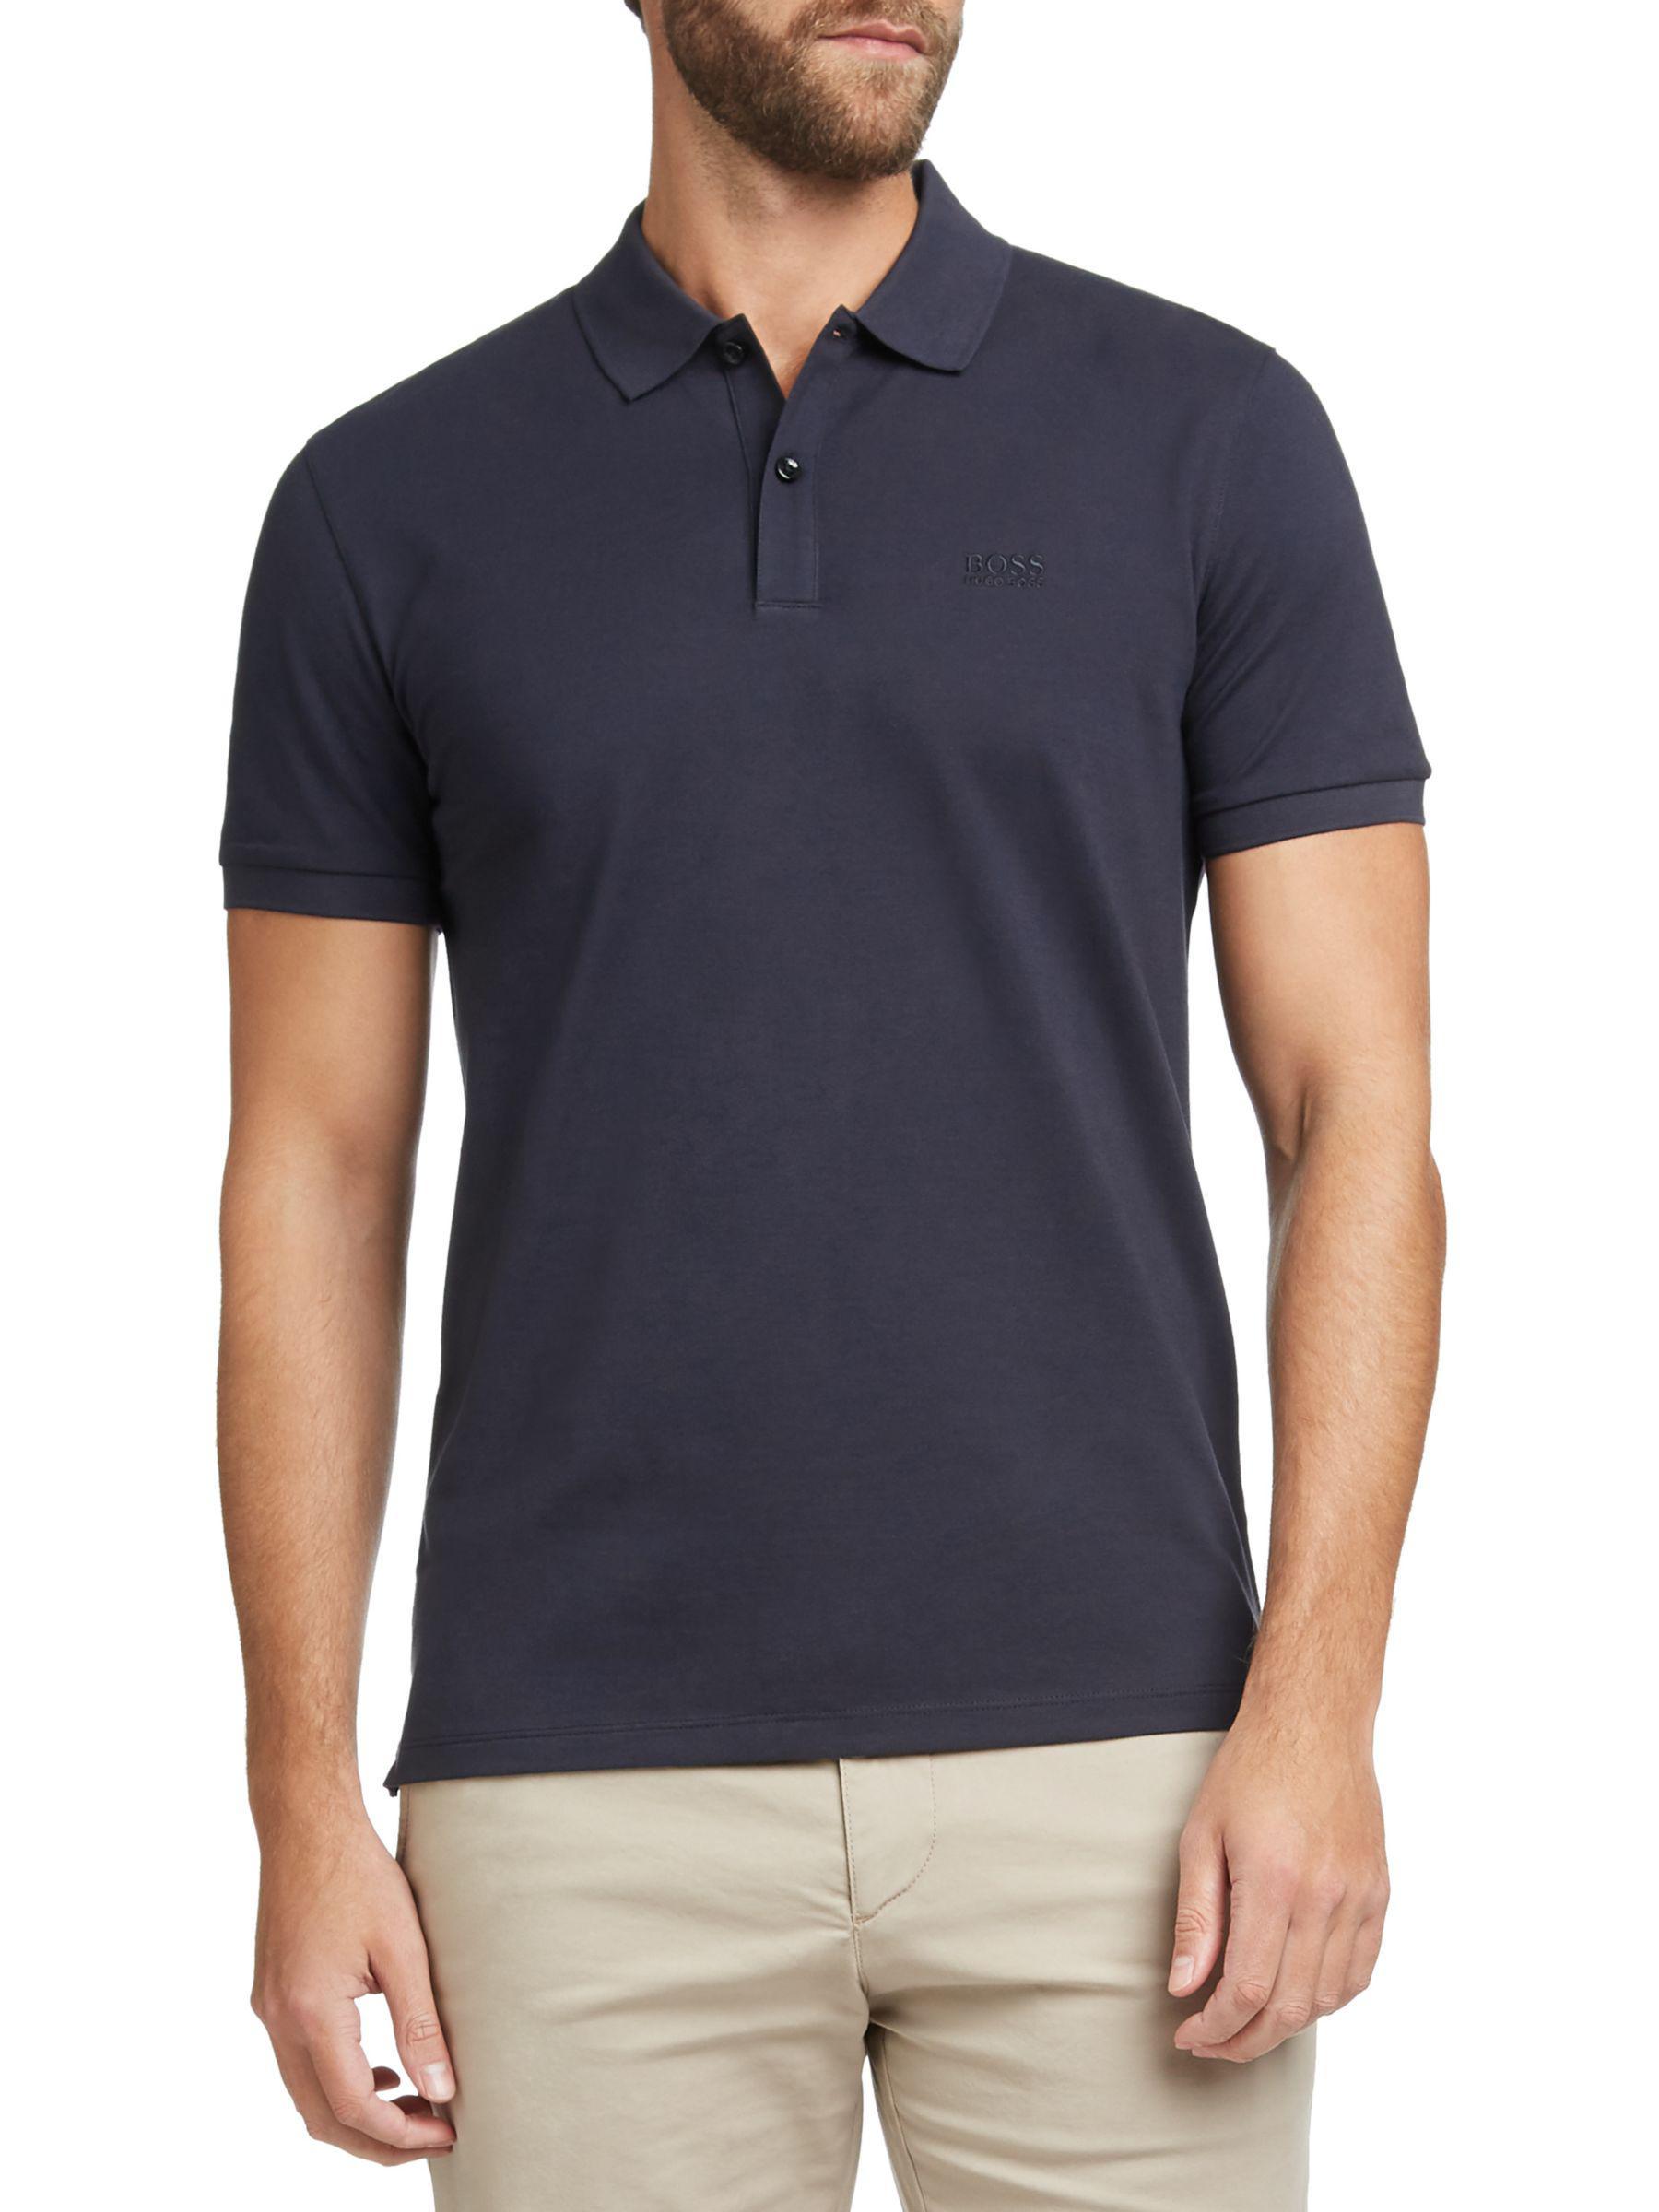 93c15f46e463 ... Boss Pallas Regular Fit Polo Shirt for Men - Lyst. View fullscreen